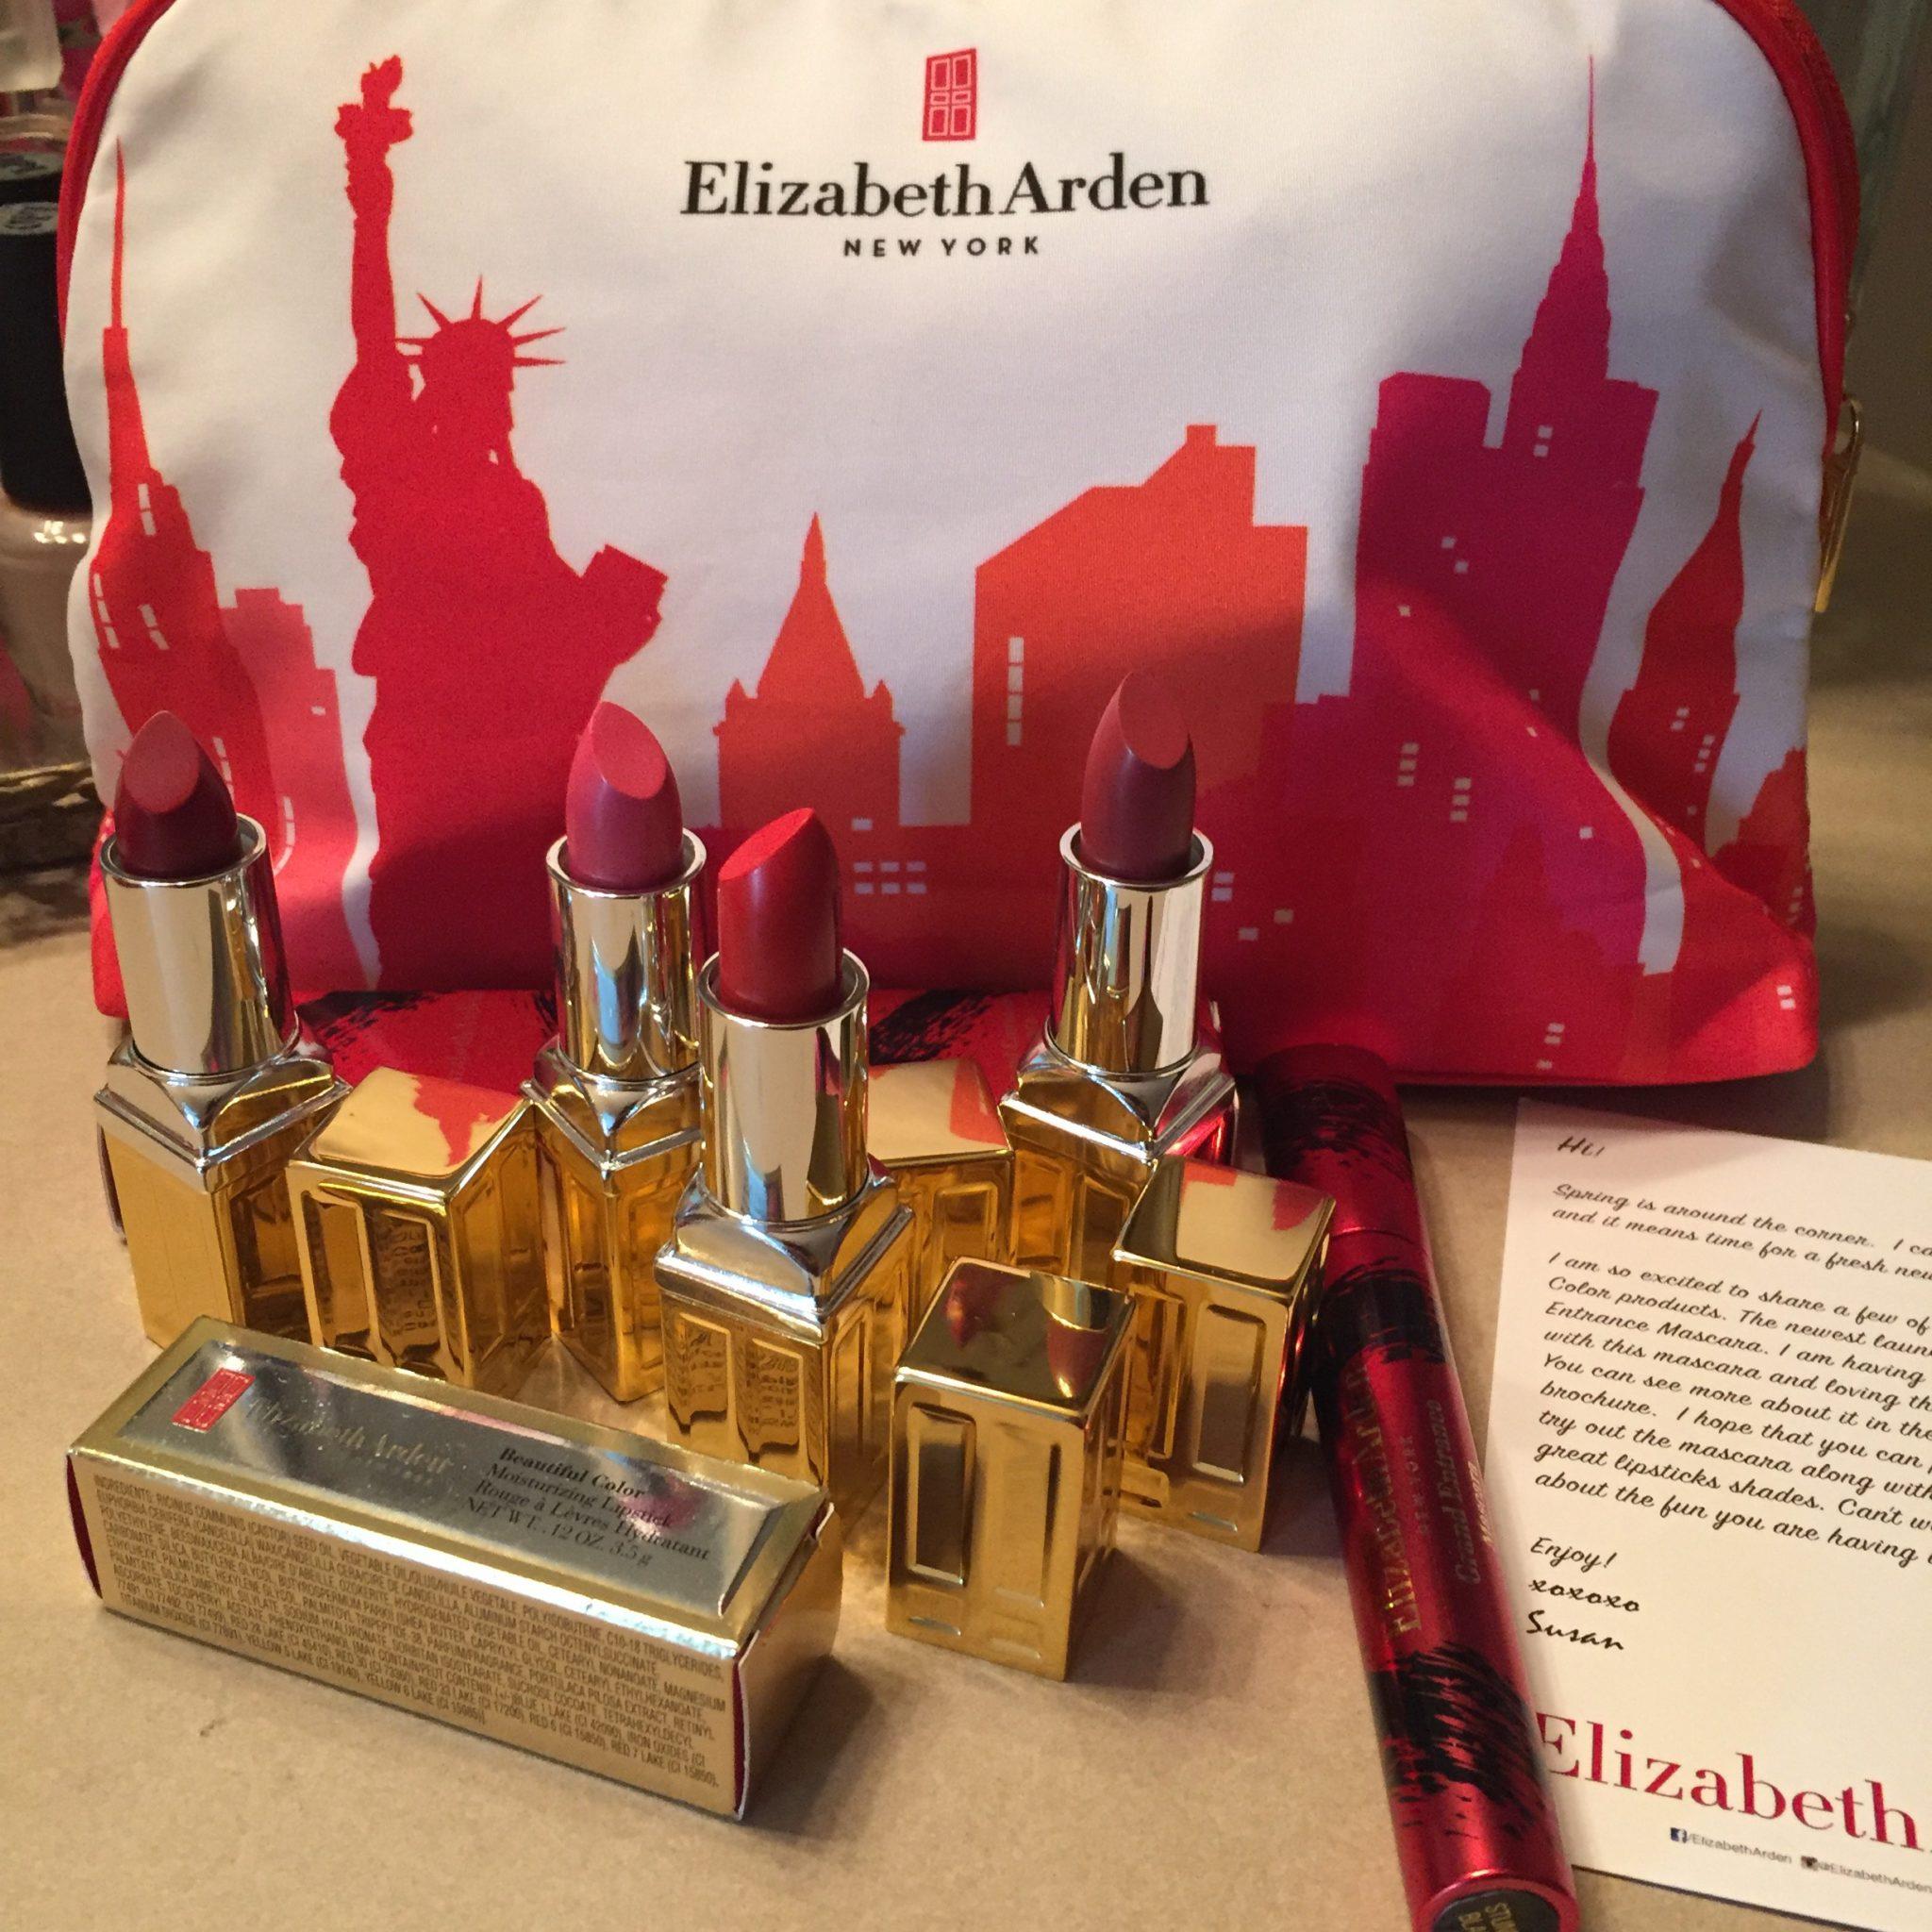 Get The Look: Elizabeth Arden New York